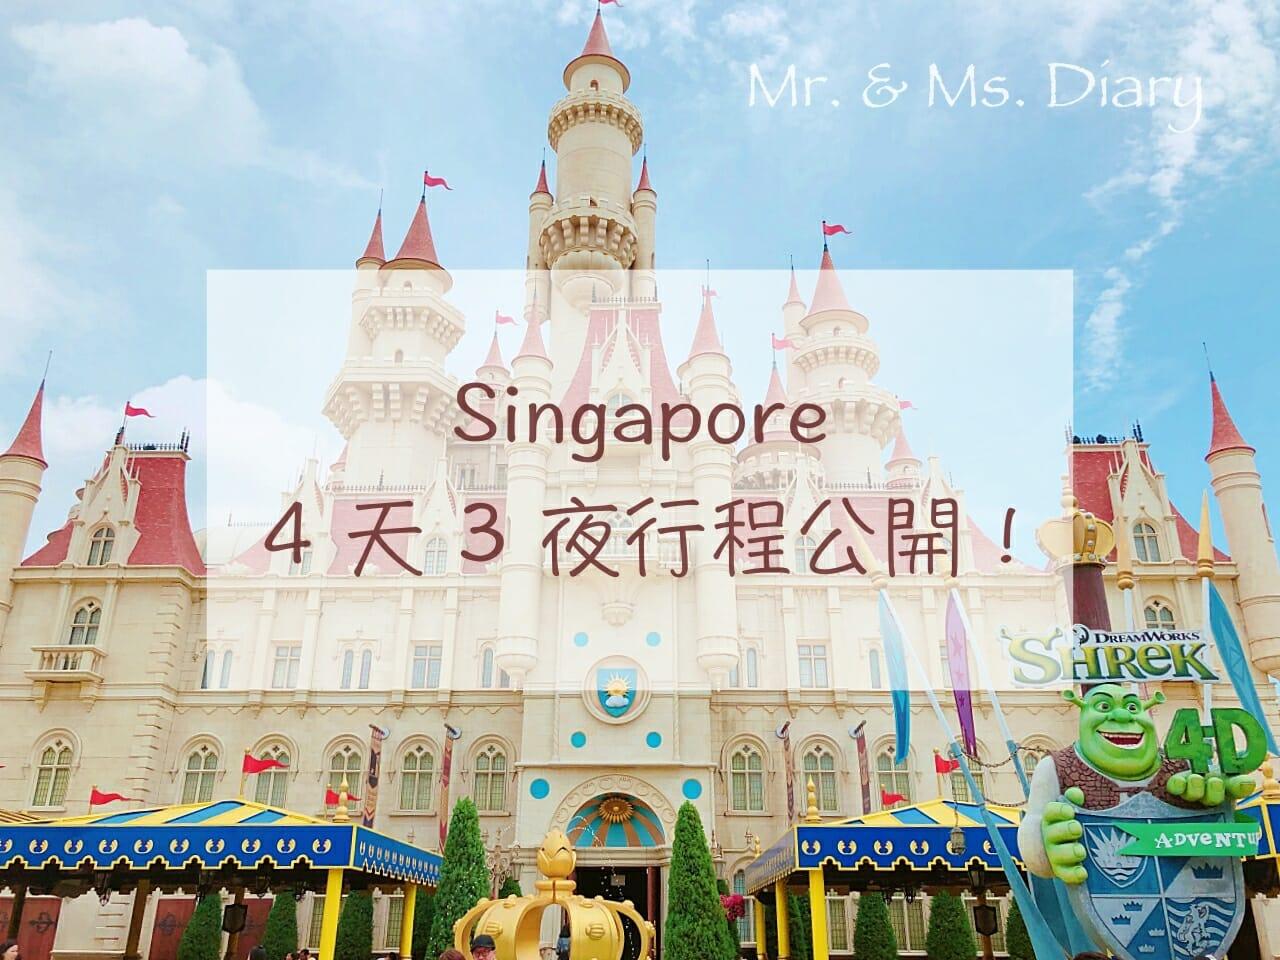 新加坡4天3夜旅行攻略,旅遊景點、新加坡Wifi上網推薦介紹,必再訪的好國家 2